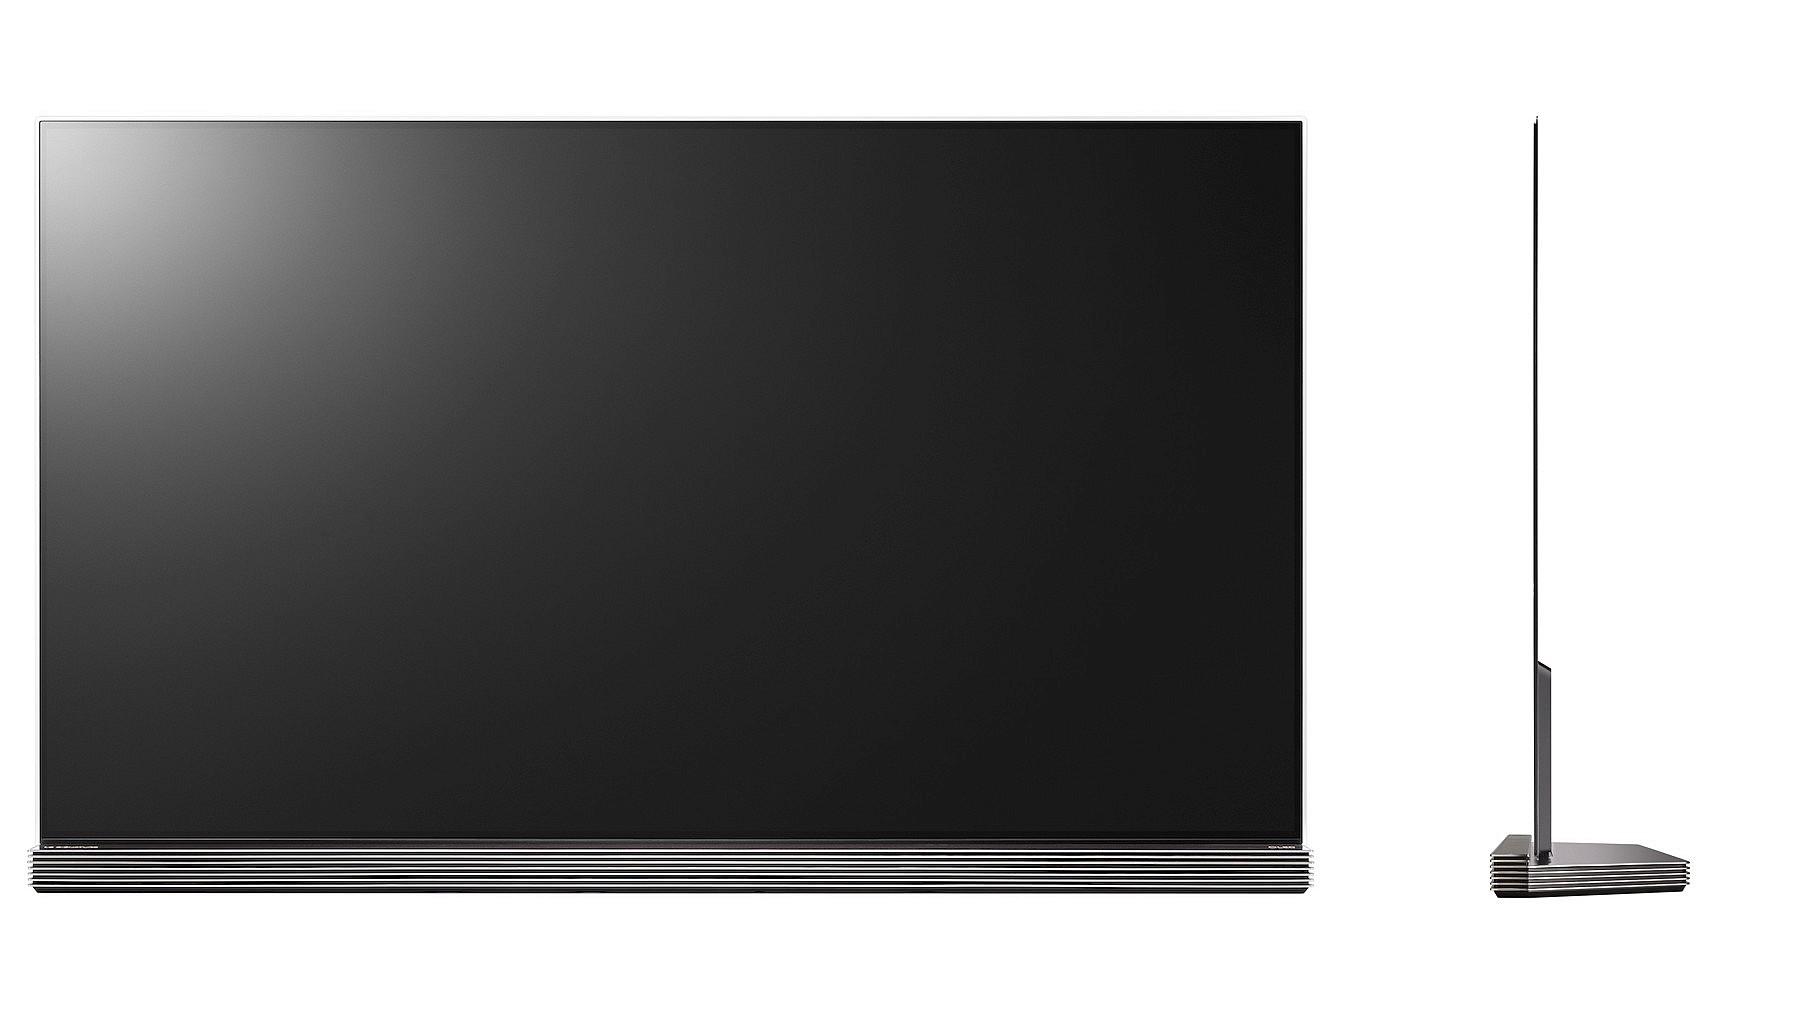 LG G7 OLED 4K TV